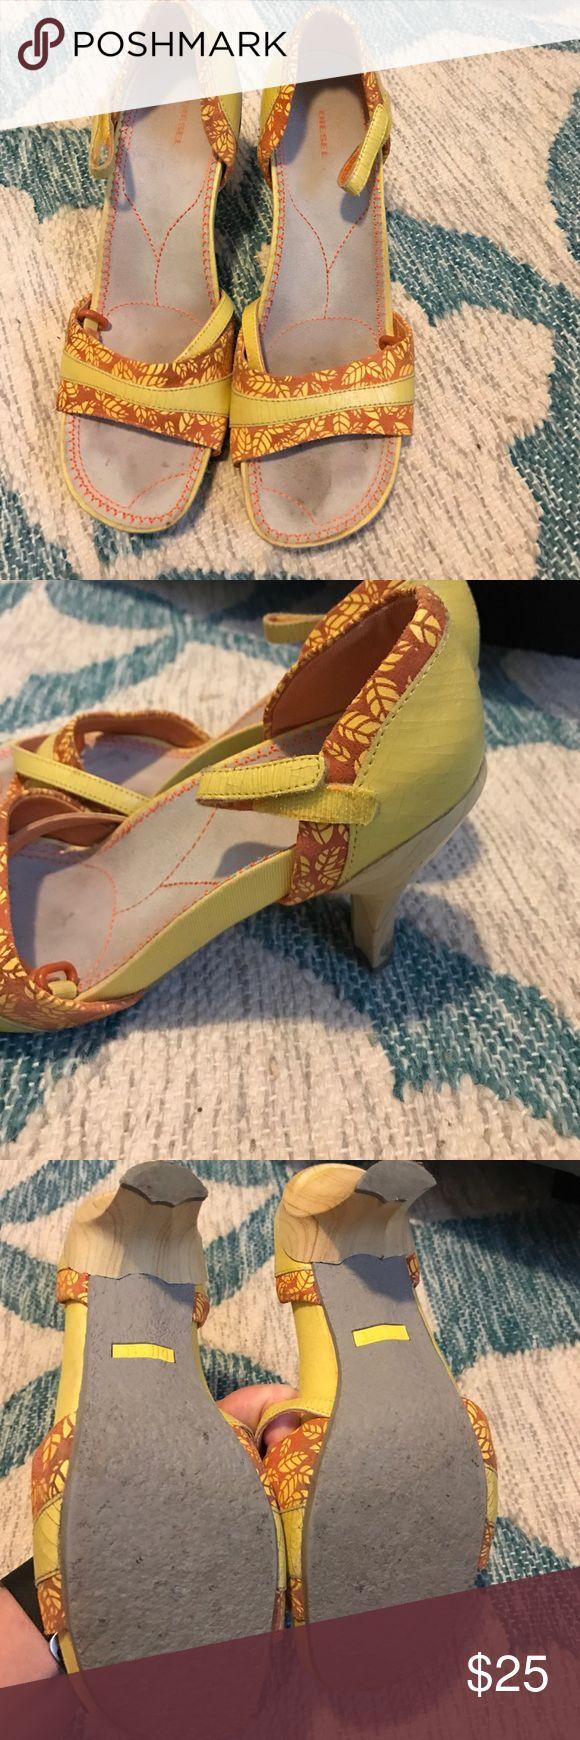 Diesel heels Yellow and orange diesel heels with wood heel. Great condition. Diesel Shoes Heels